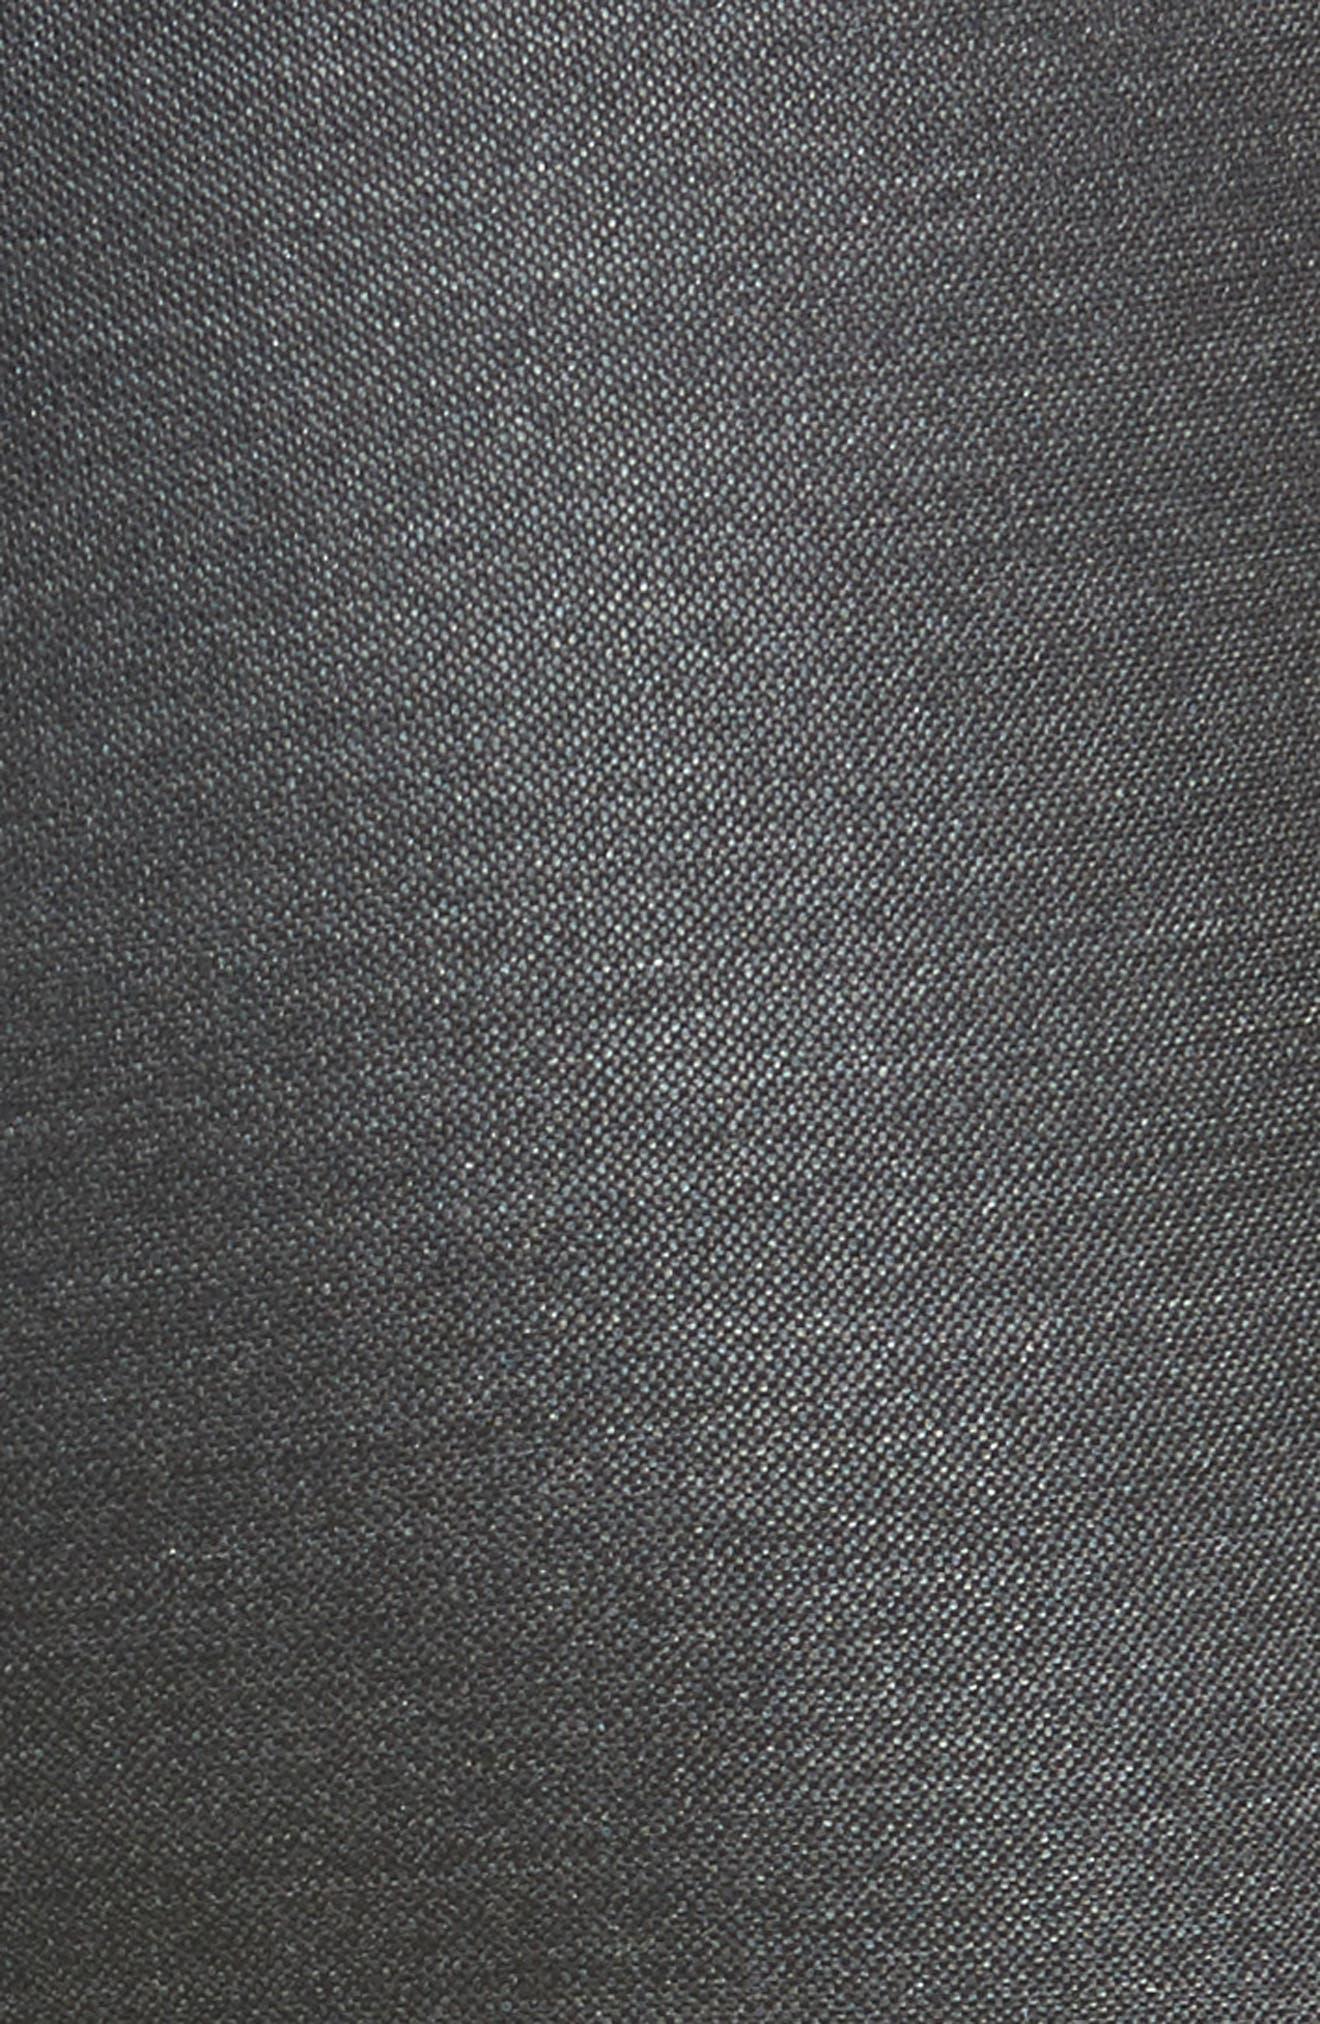 Alternate Image 5  - St. John Collection Stretch Birdseye Skinny Pants